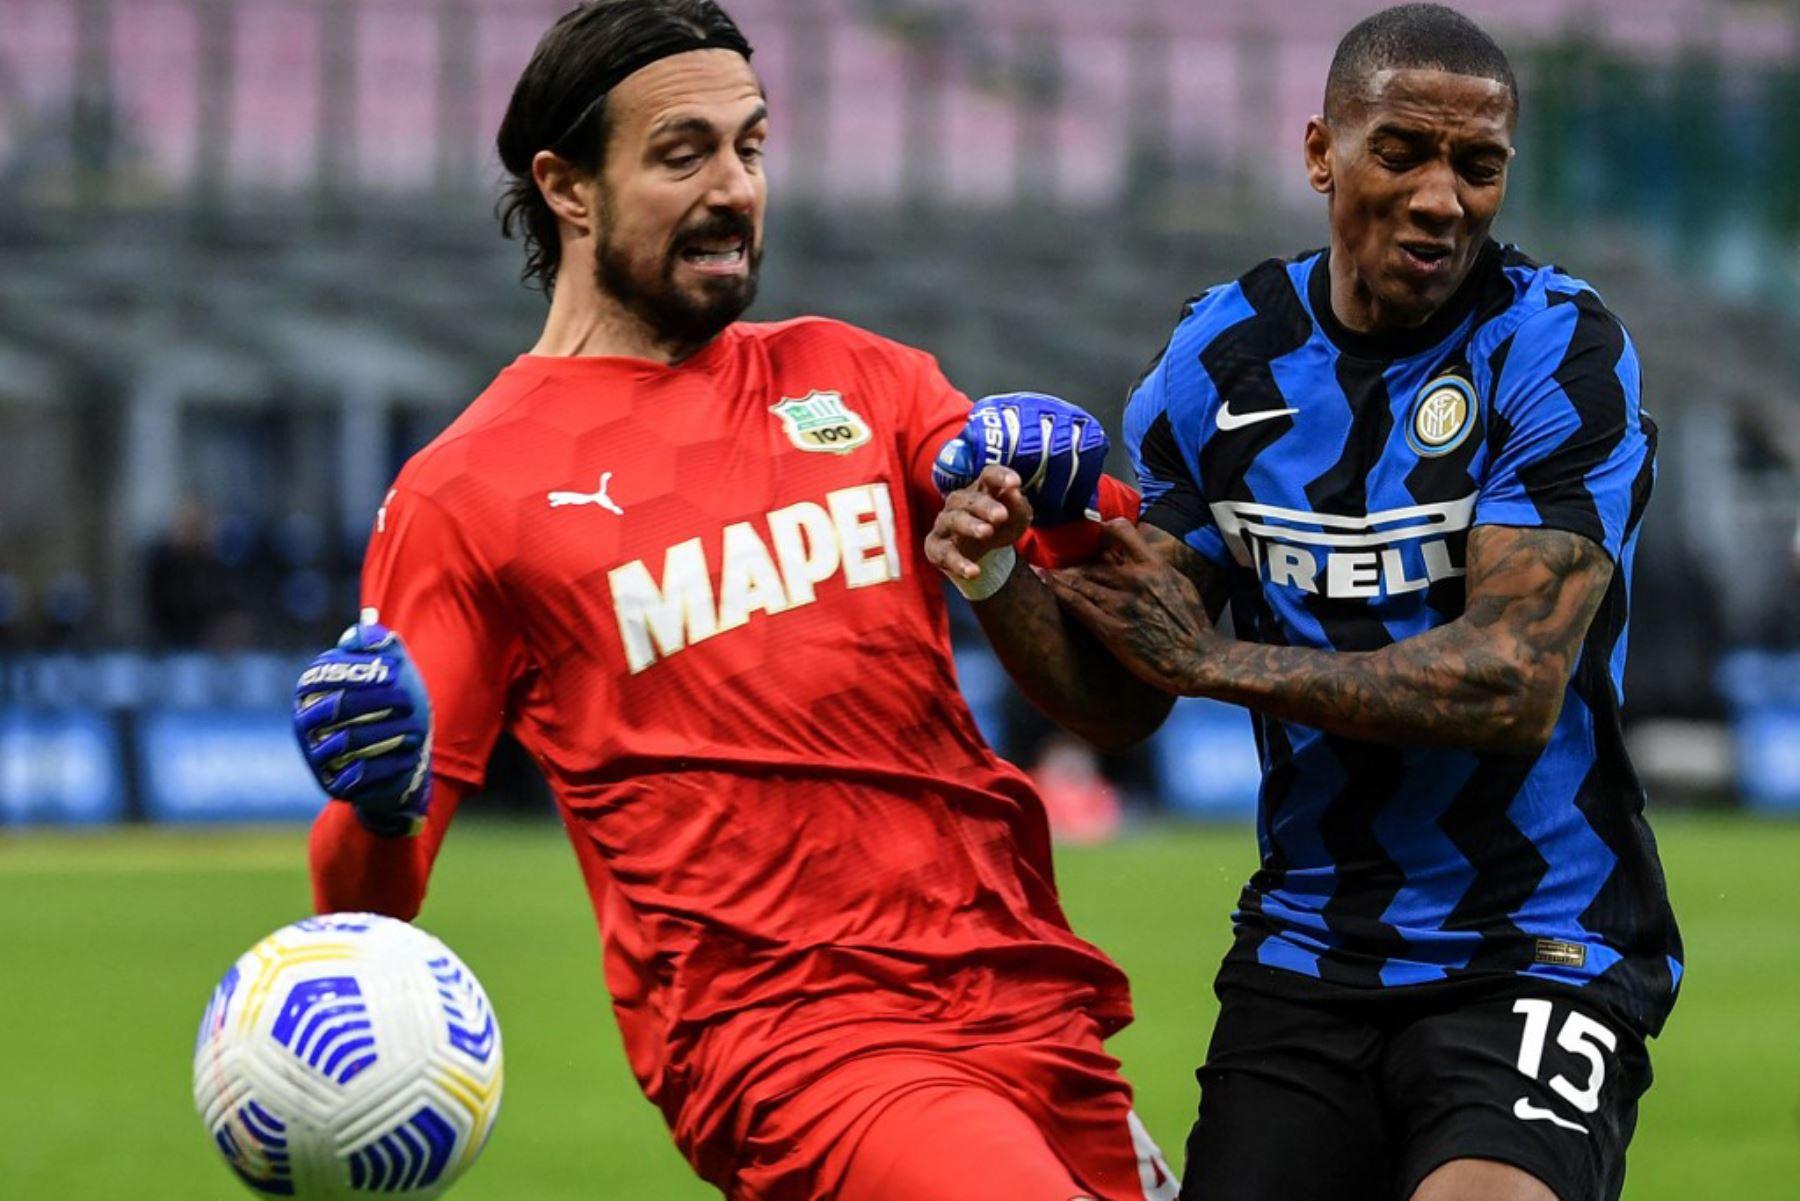 El centrocampista inglés del Inter de Milán Ashley Young (R) desafía al portero italiano de Sassuolo Andrea Consigli durante el partido de fútbol de la Serie A italiana Inter de Milán vs Sassuolo.  Foto:AFP